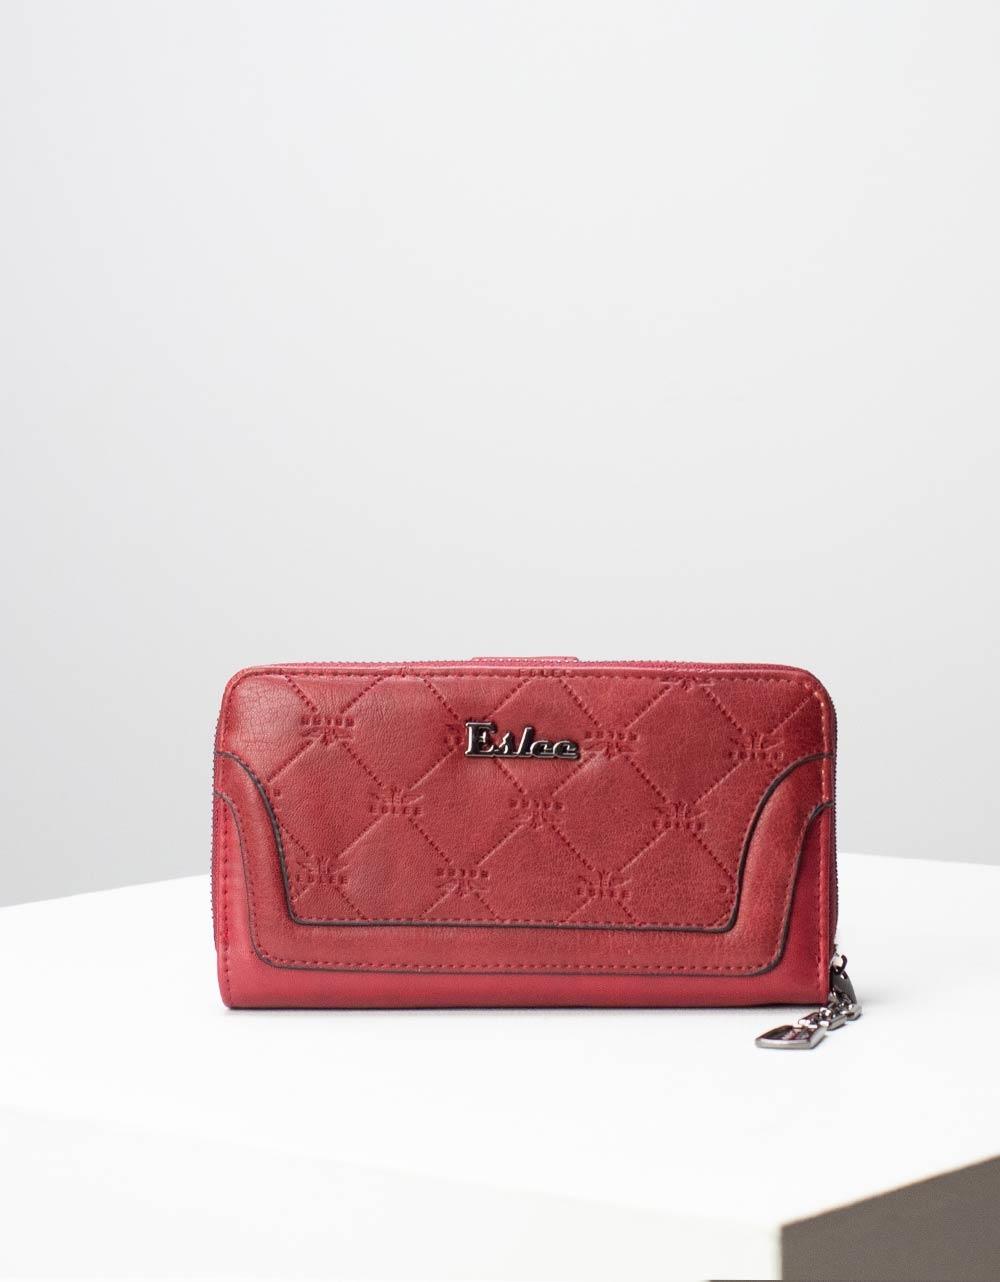 Εικόνα από Γυναικεία πορτοφόλια με ανάγλυφο σχέδιο Μπορντώ